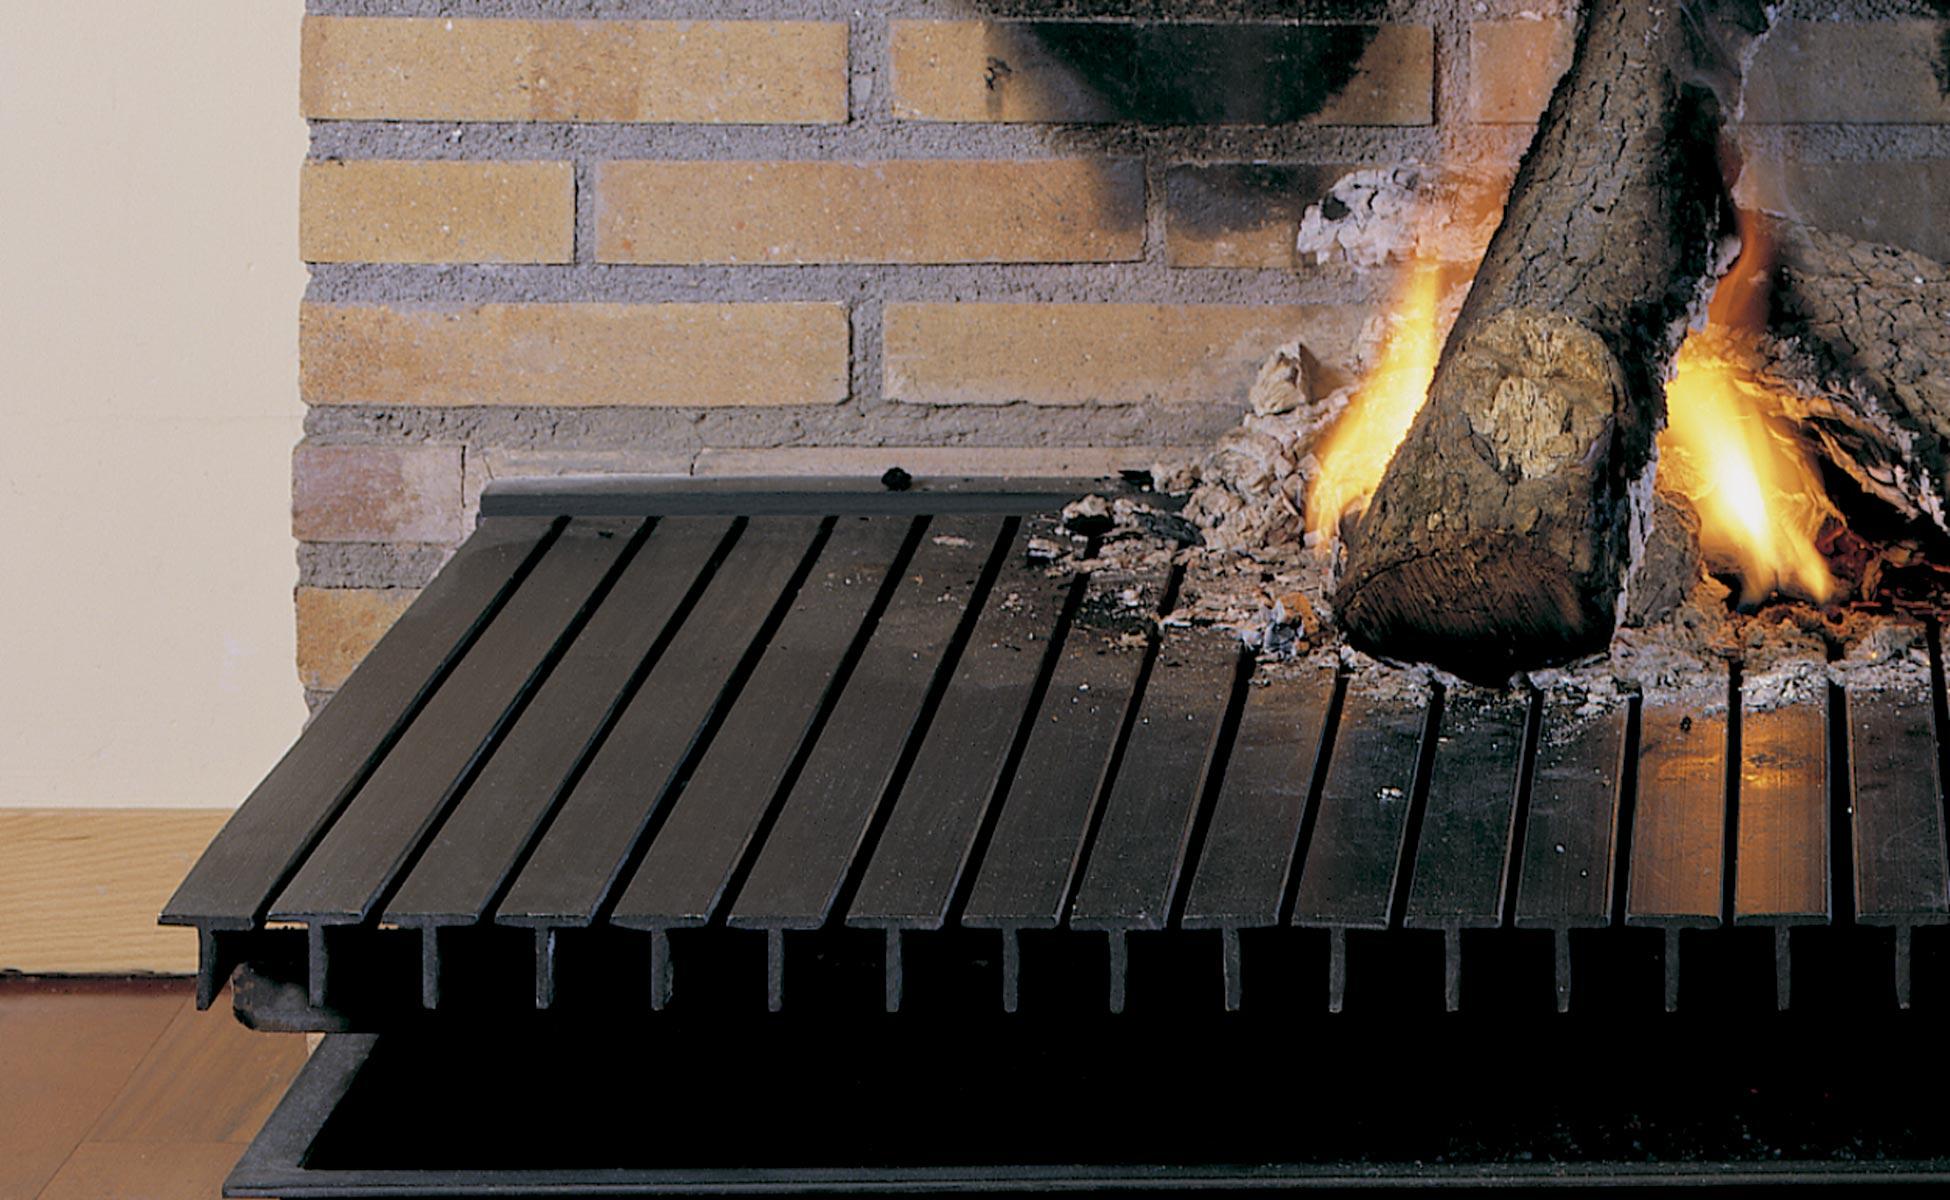 Chimenea Polo G. Detalle de la leña quemando